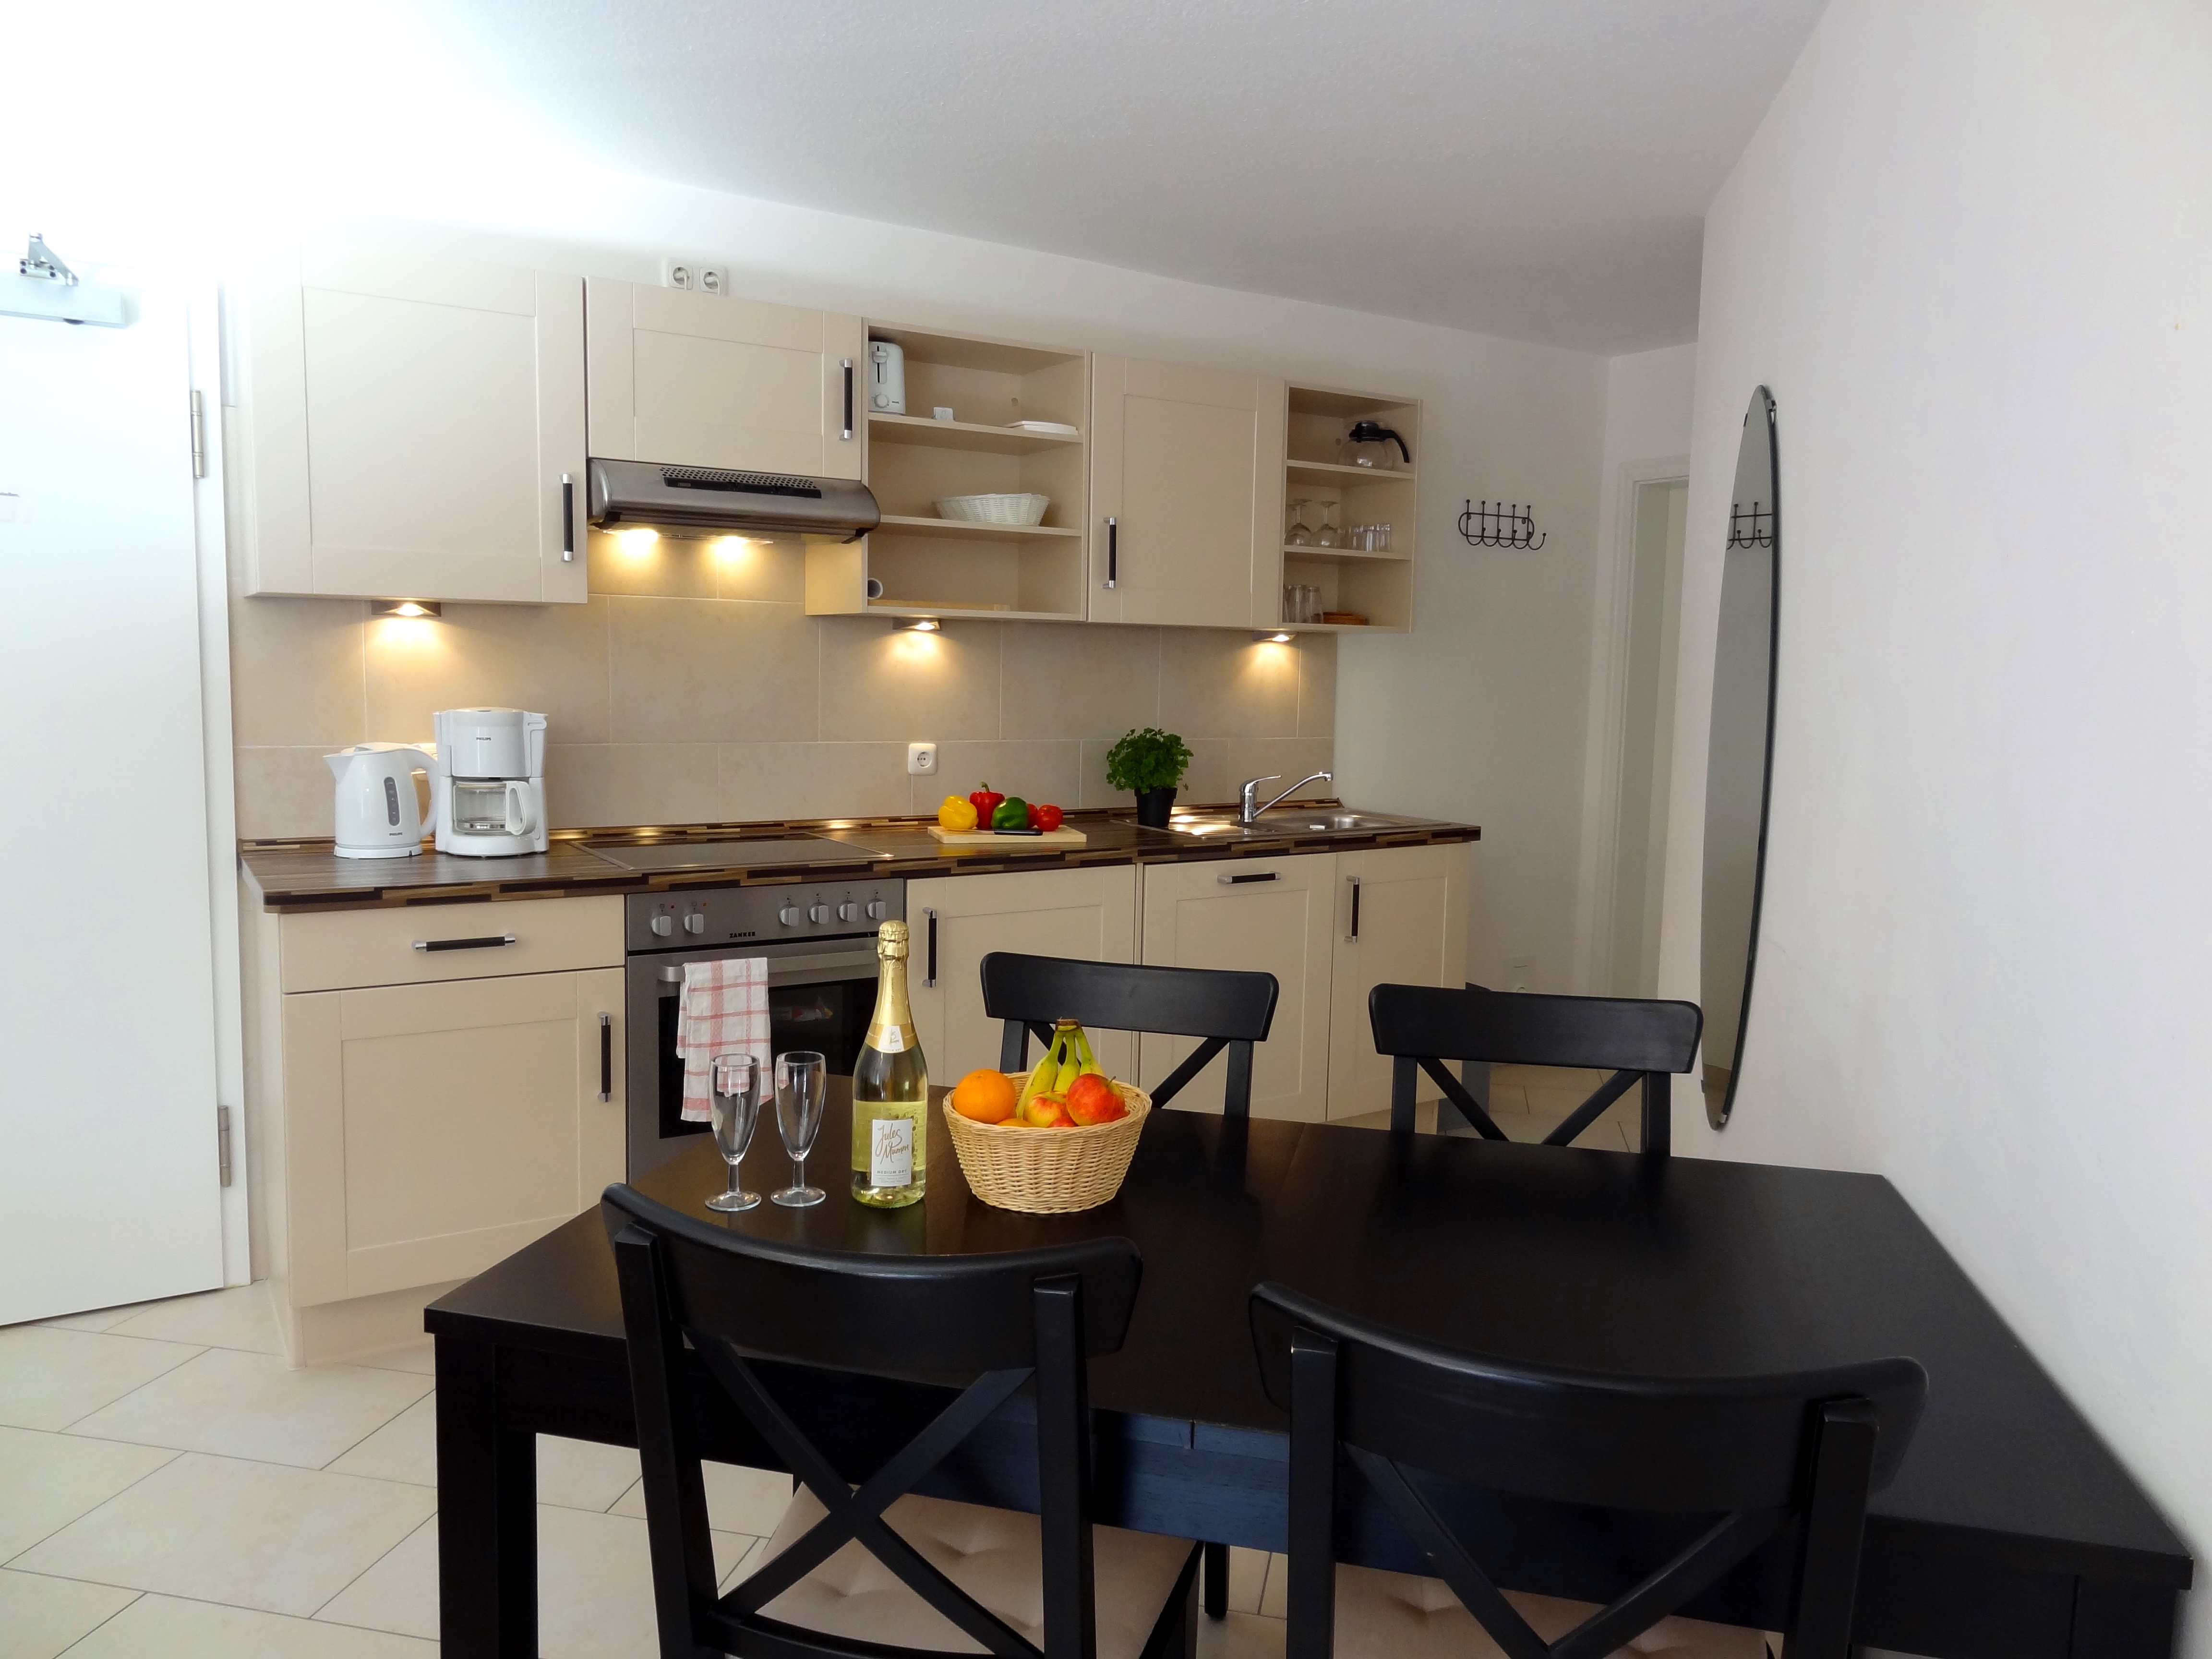 Küche mit Essbereich der Ferienwohnung Husum von Ferienwohnungen Hass auf Fehmarn